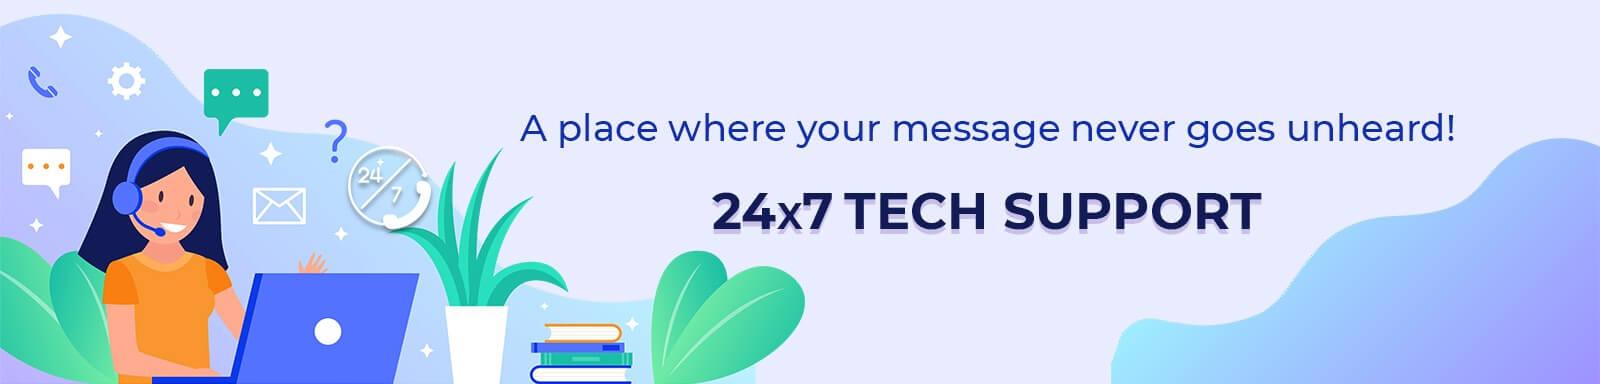 Tech support_1